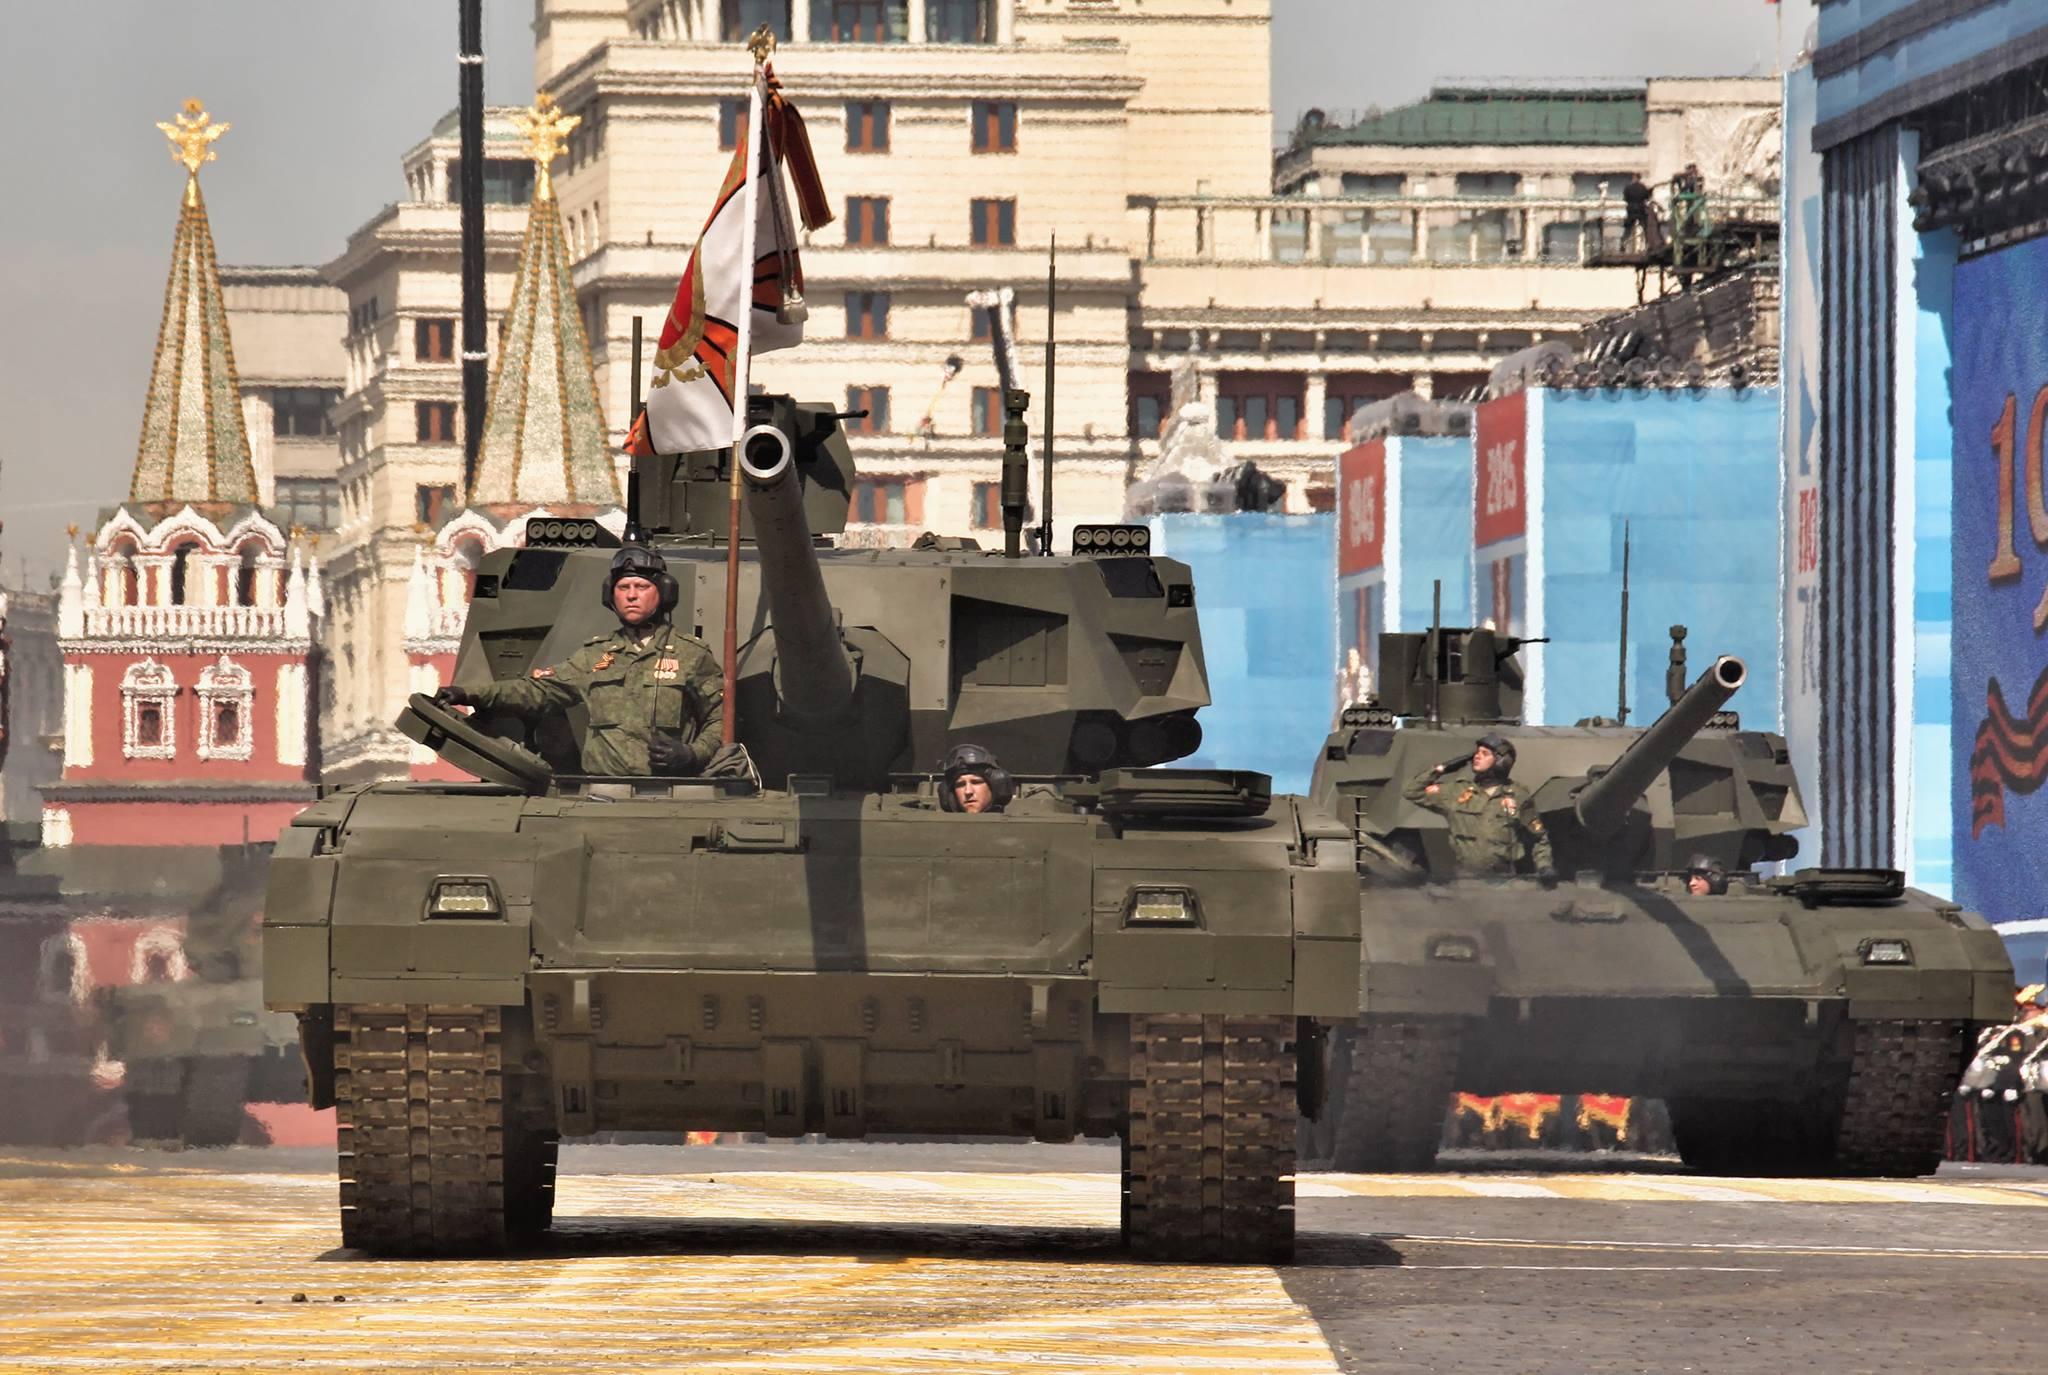 T-14_Armata2